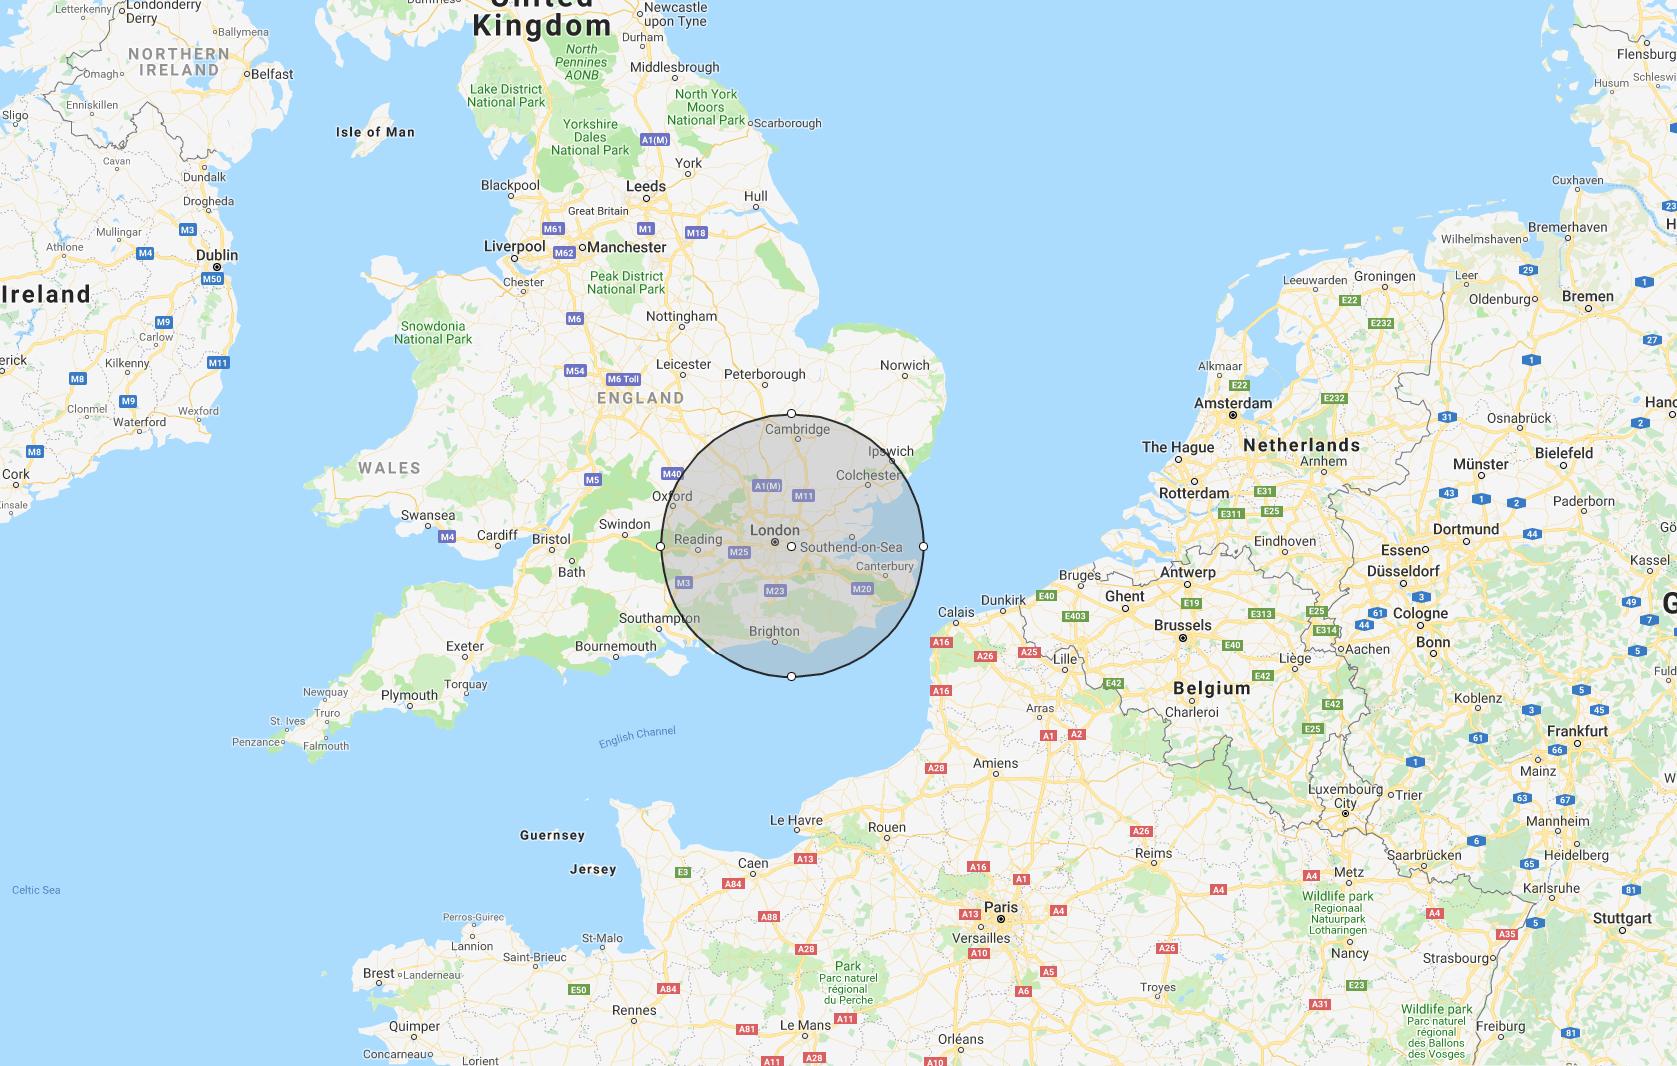 D4P Service Maps